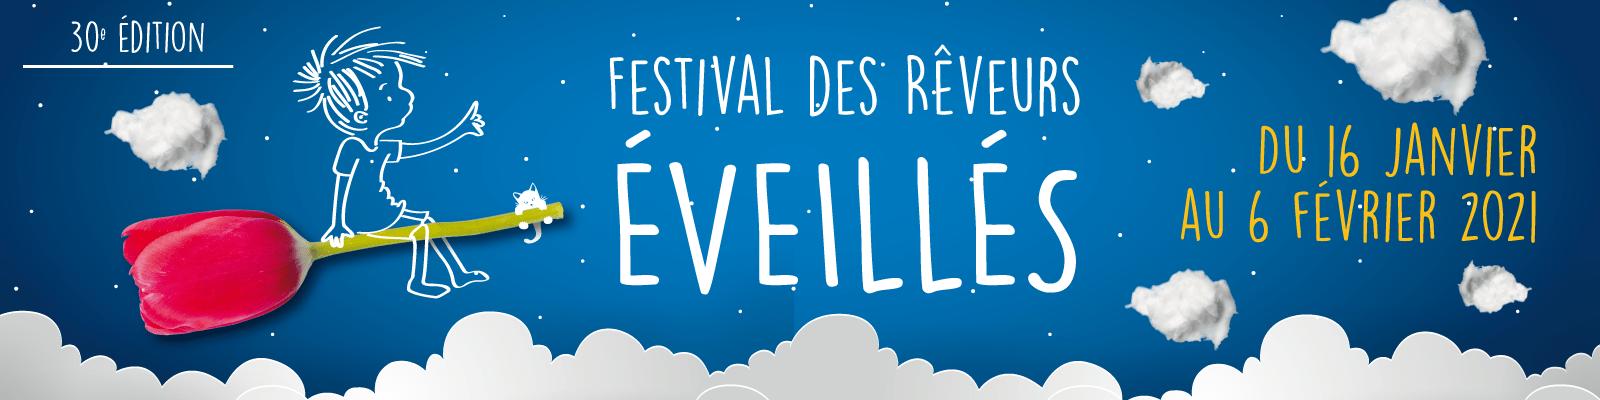 Le festival des Rêveurs éveillés - ANNULÉ | Mairie de Sevran